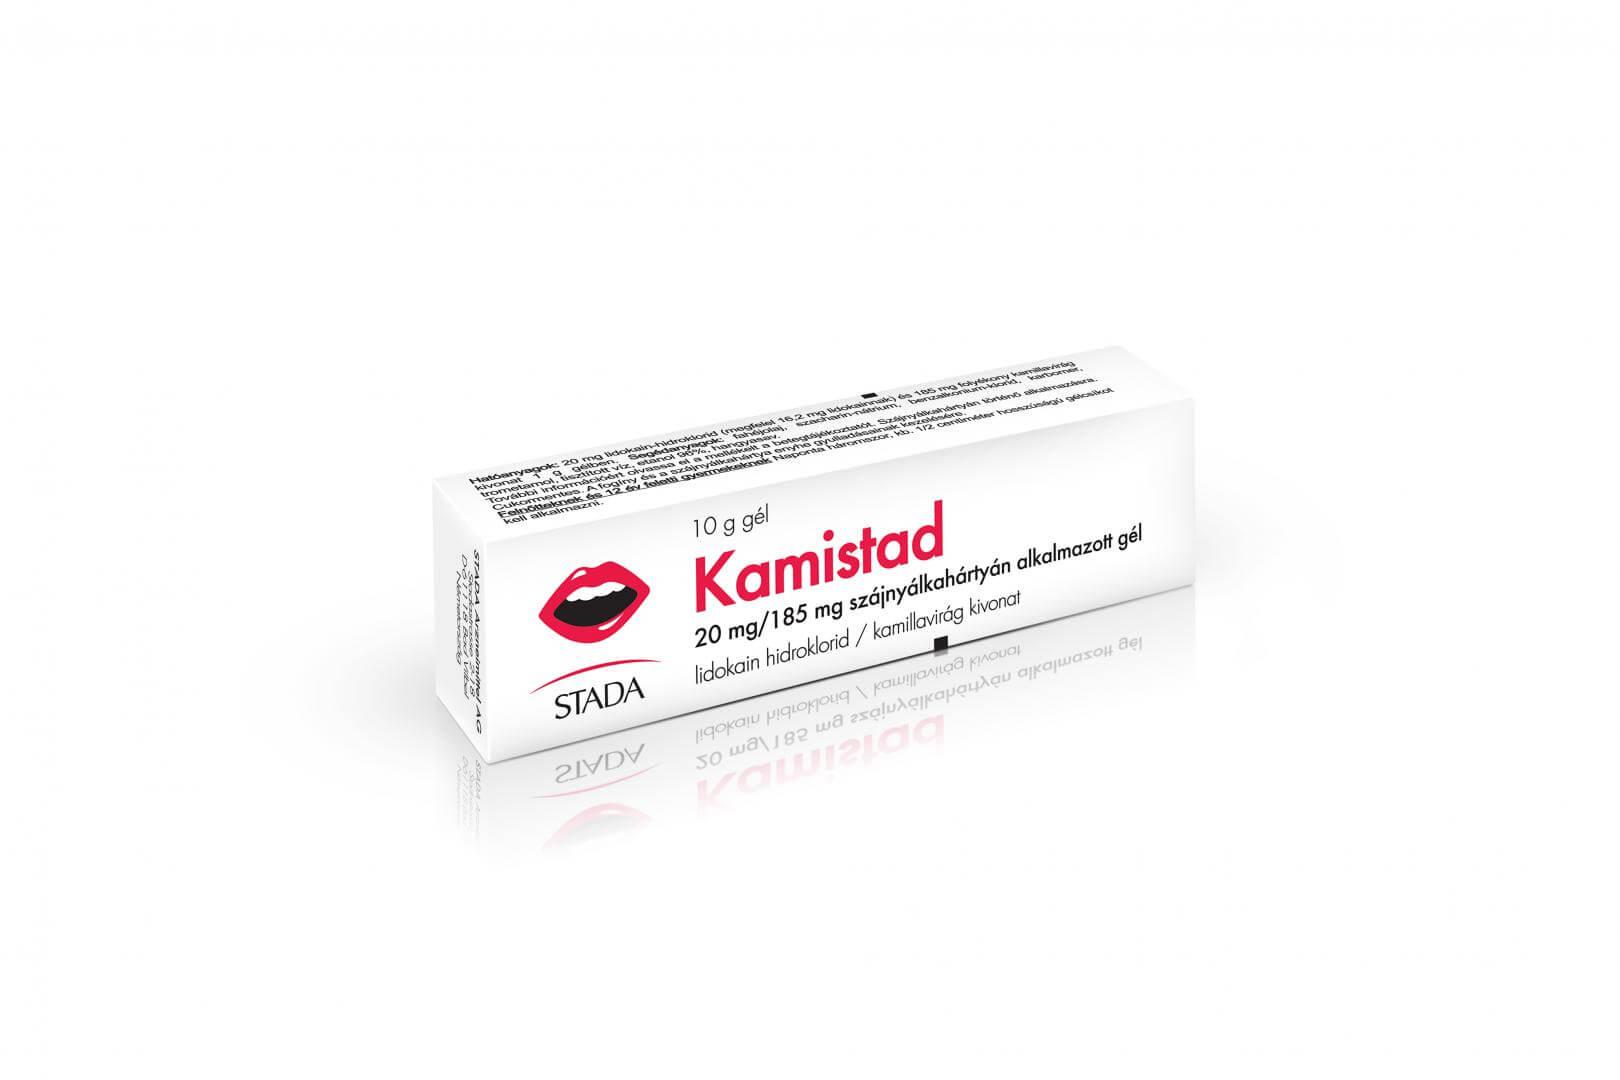 Kamistad 20 mg/185 mg szájnyálkahártyán alkalmazott gél